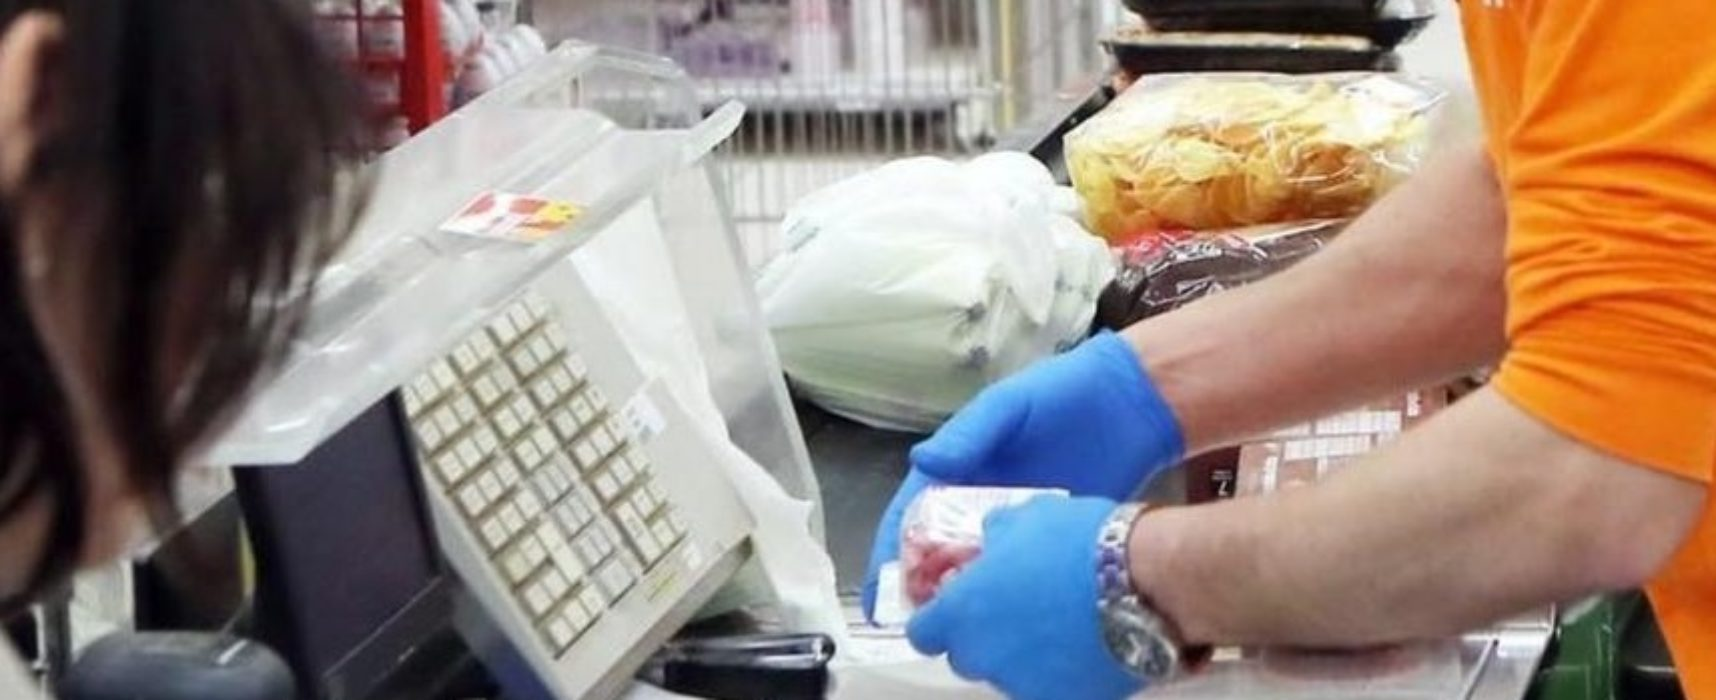 """Lavoratori supermercati pugliesi: """"Totalmente dimenticati. Stanchi di aspettare vaccino"""""""